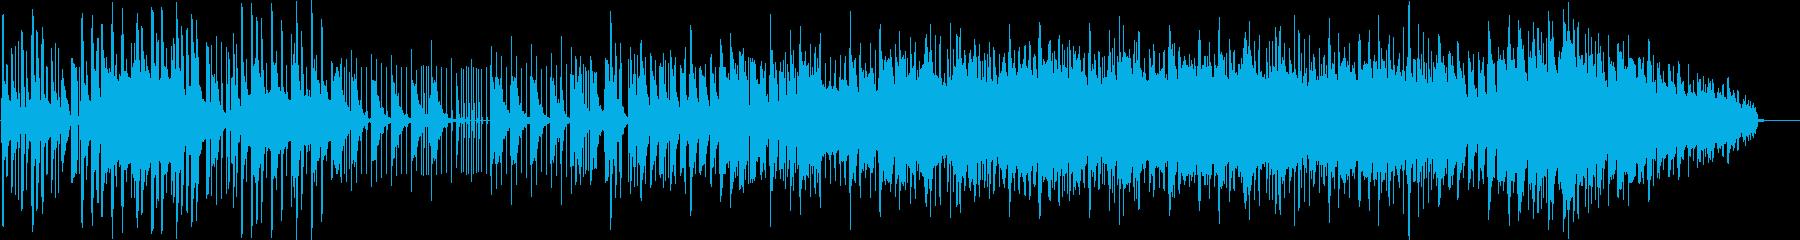 スイッチオン(音)。進め、その先へ。の再生済みの波形